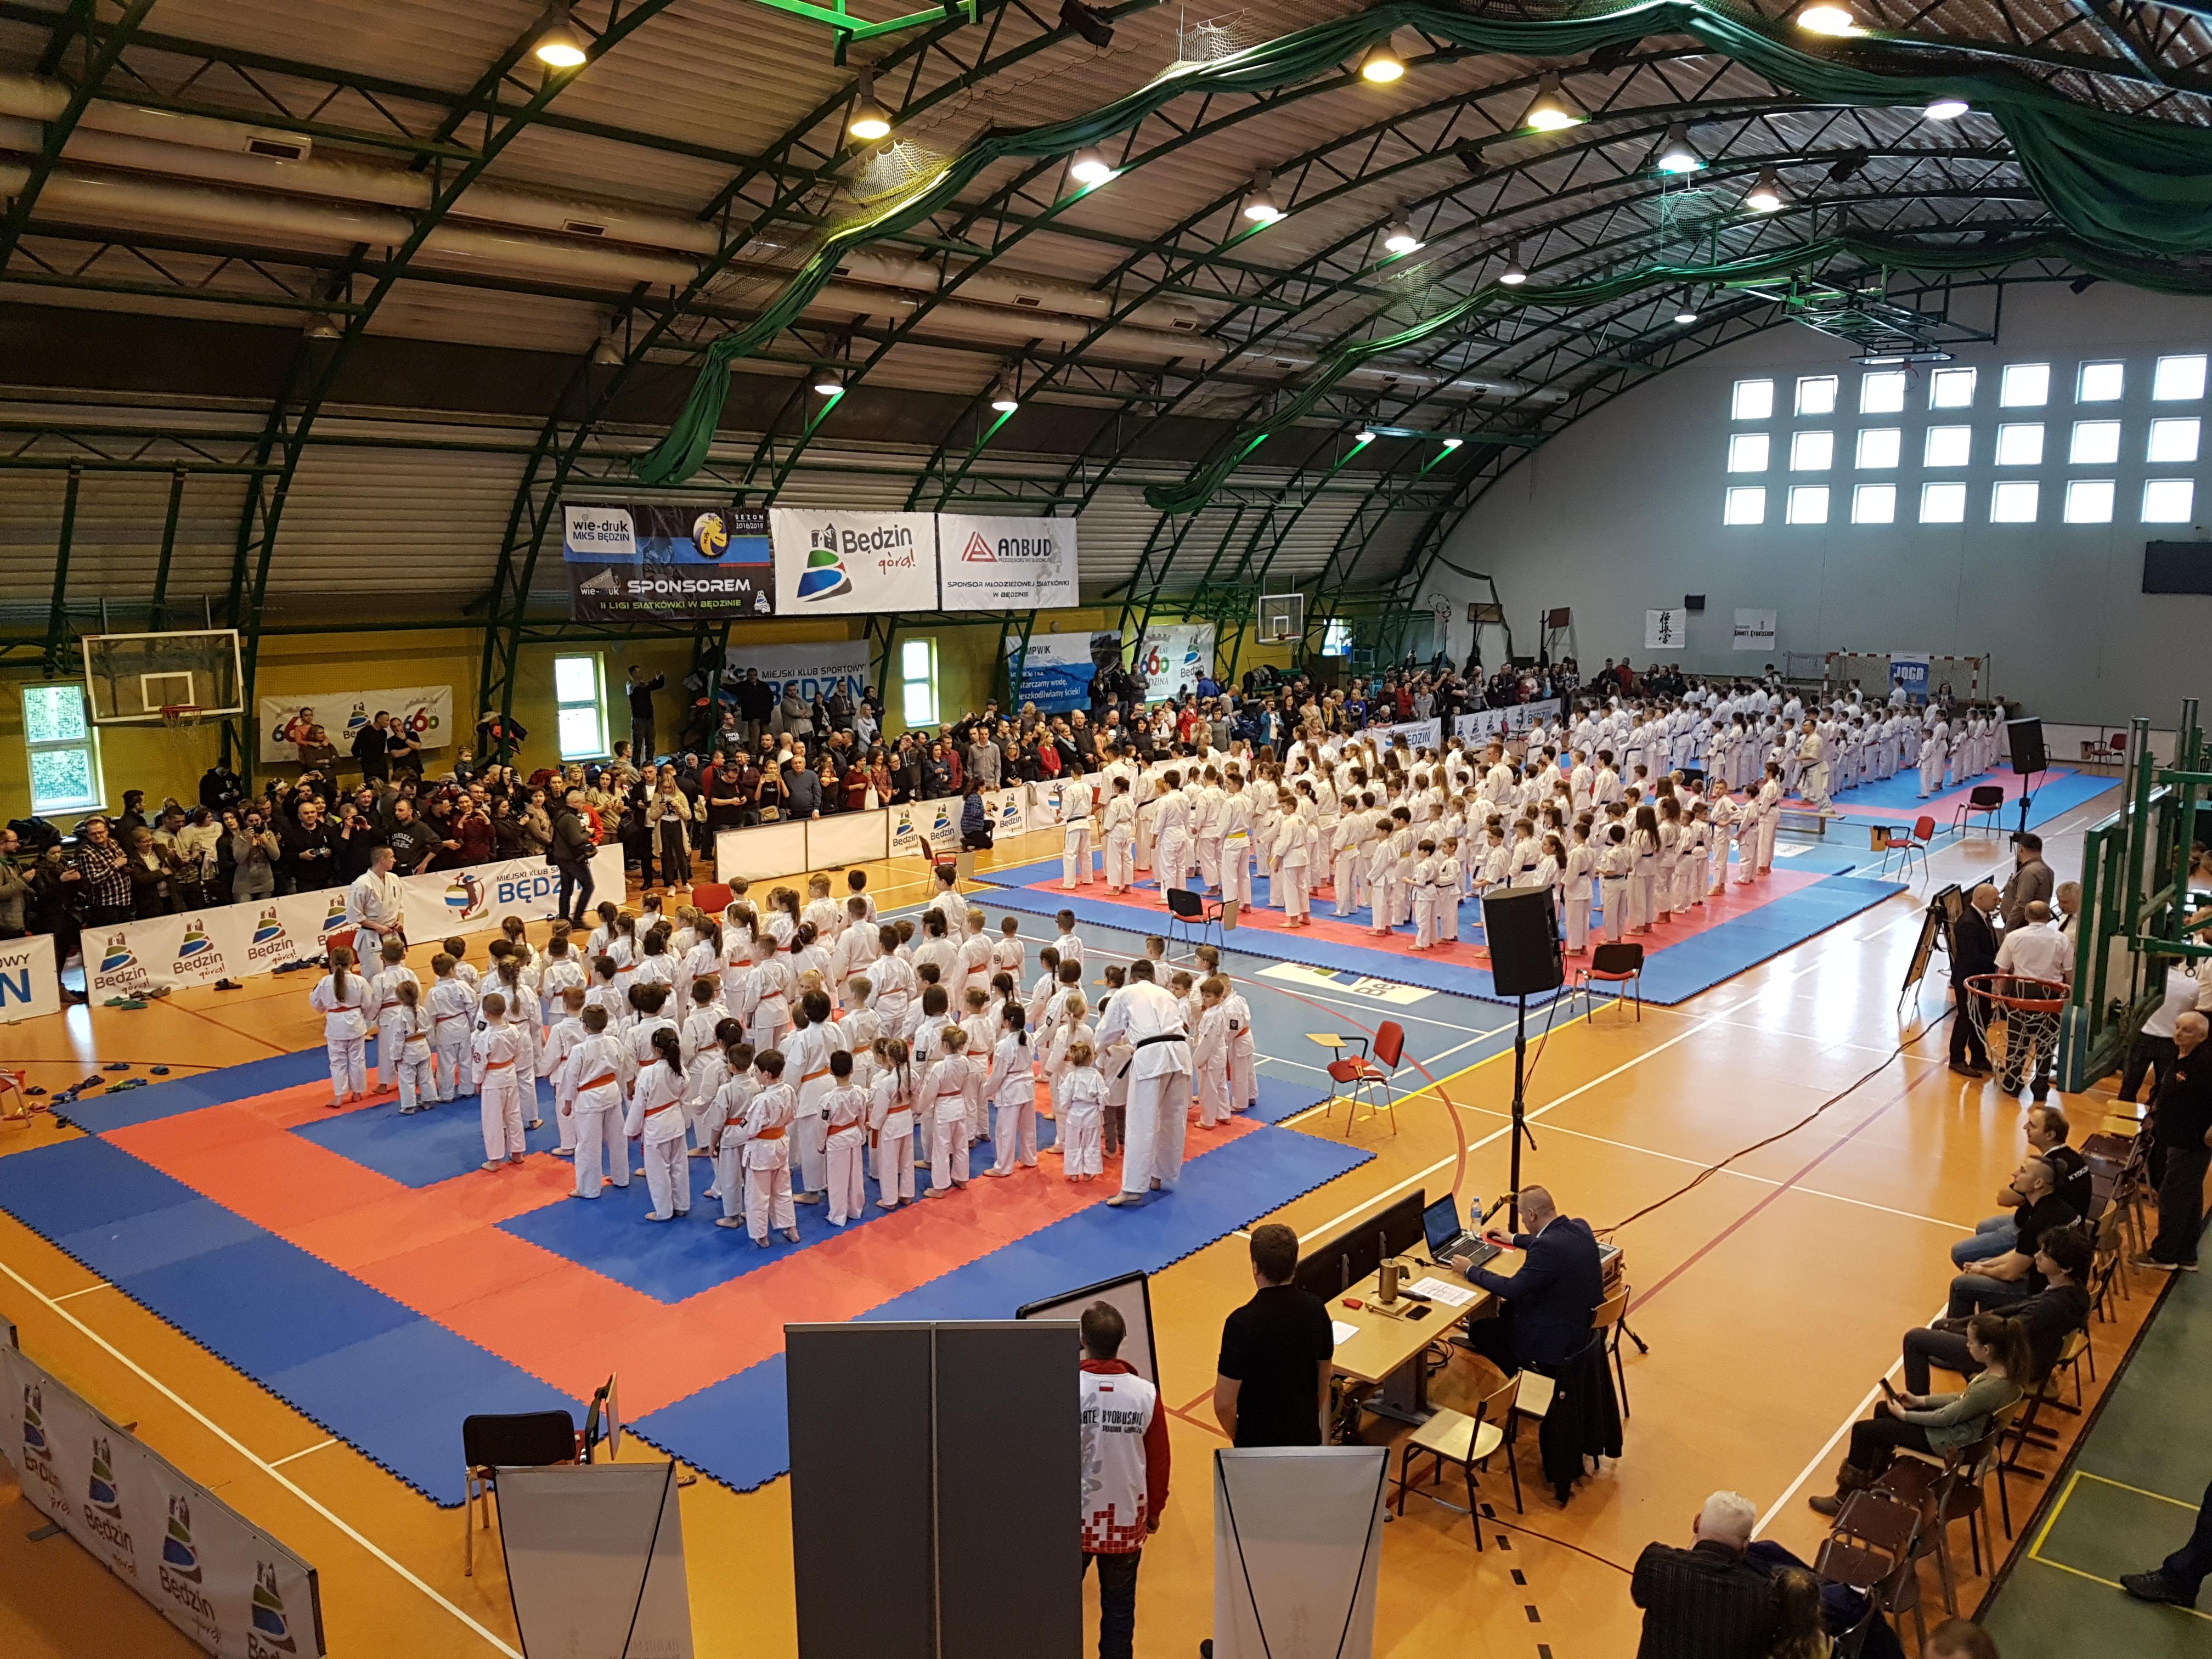 II_Turniej_Karate_w_Będzinie_2019.jpg